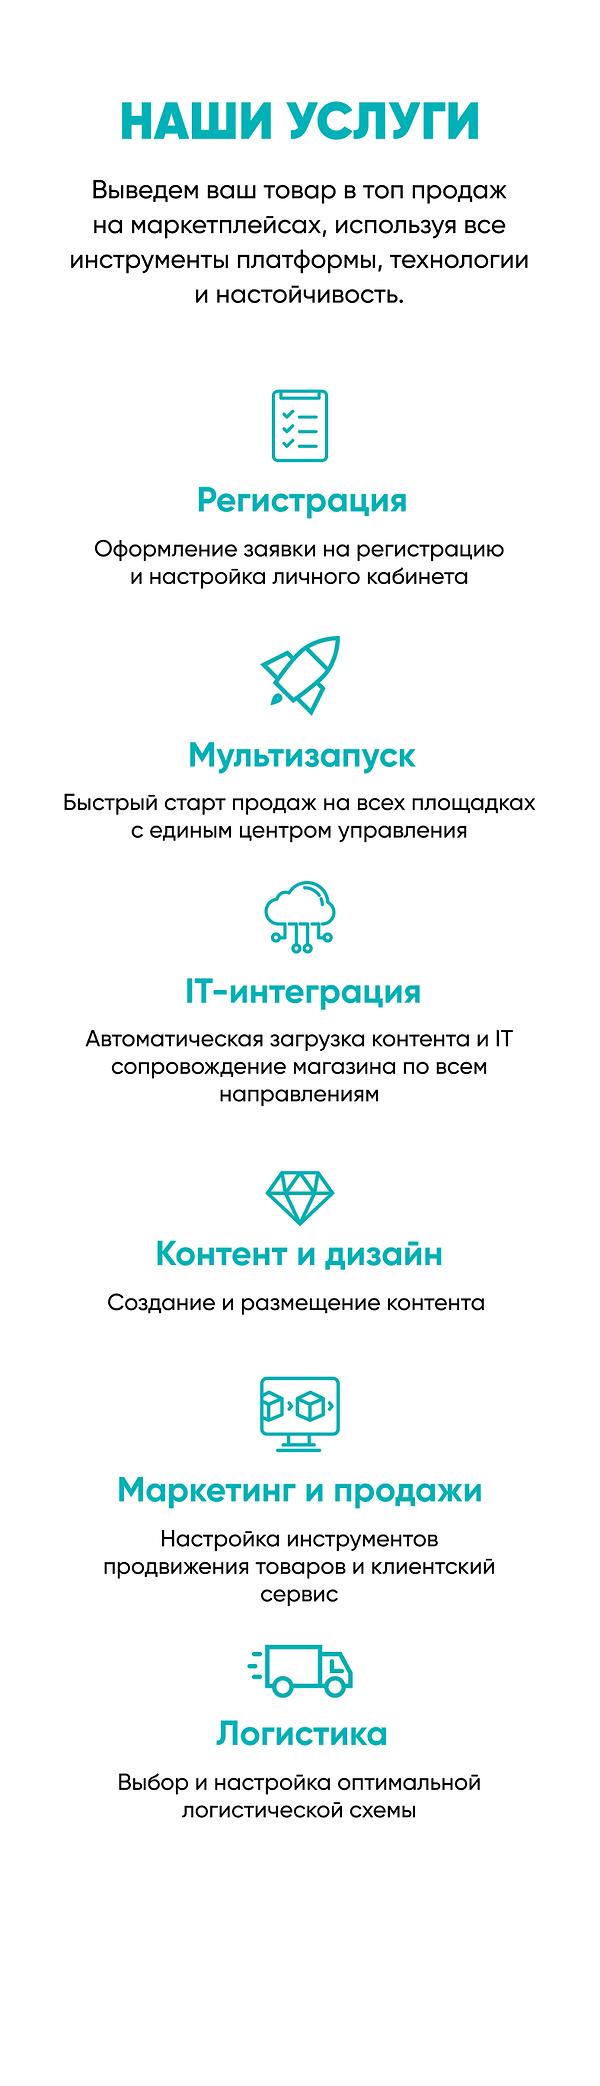 Наши услуги_2.png